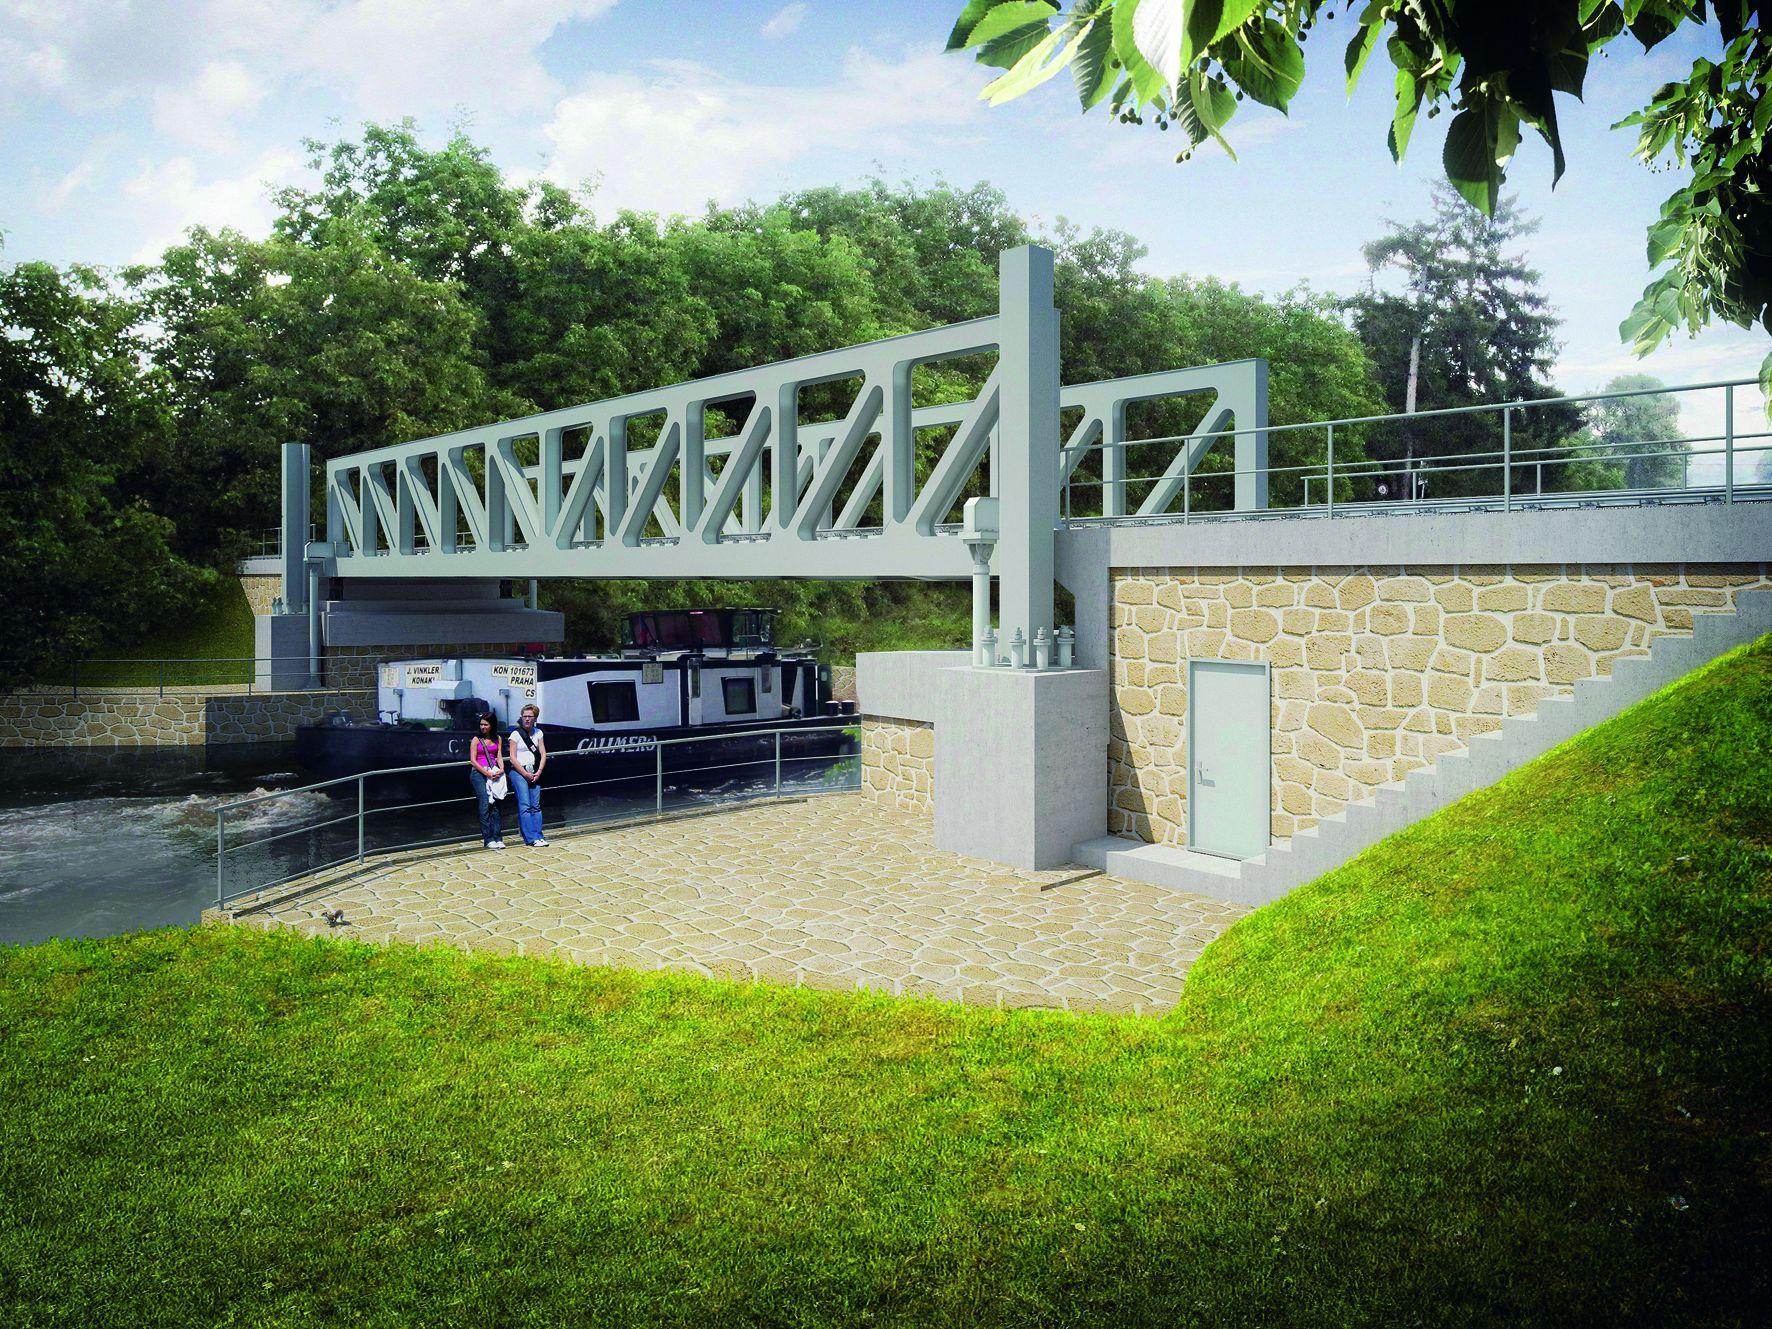 Nový železniční most v Lužci nad Vltavou bude zdvižný, vizualizace. Pramen: ŘVC